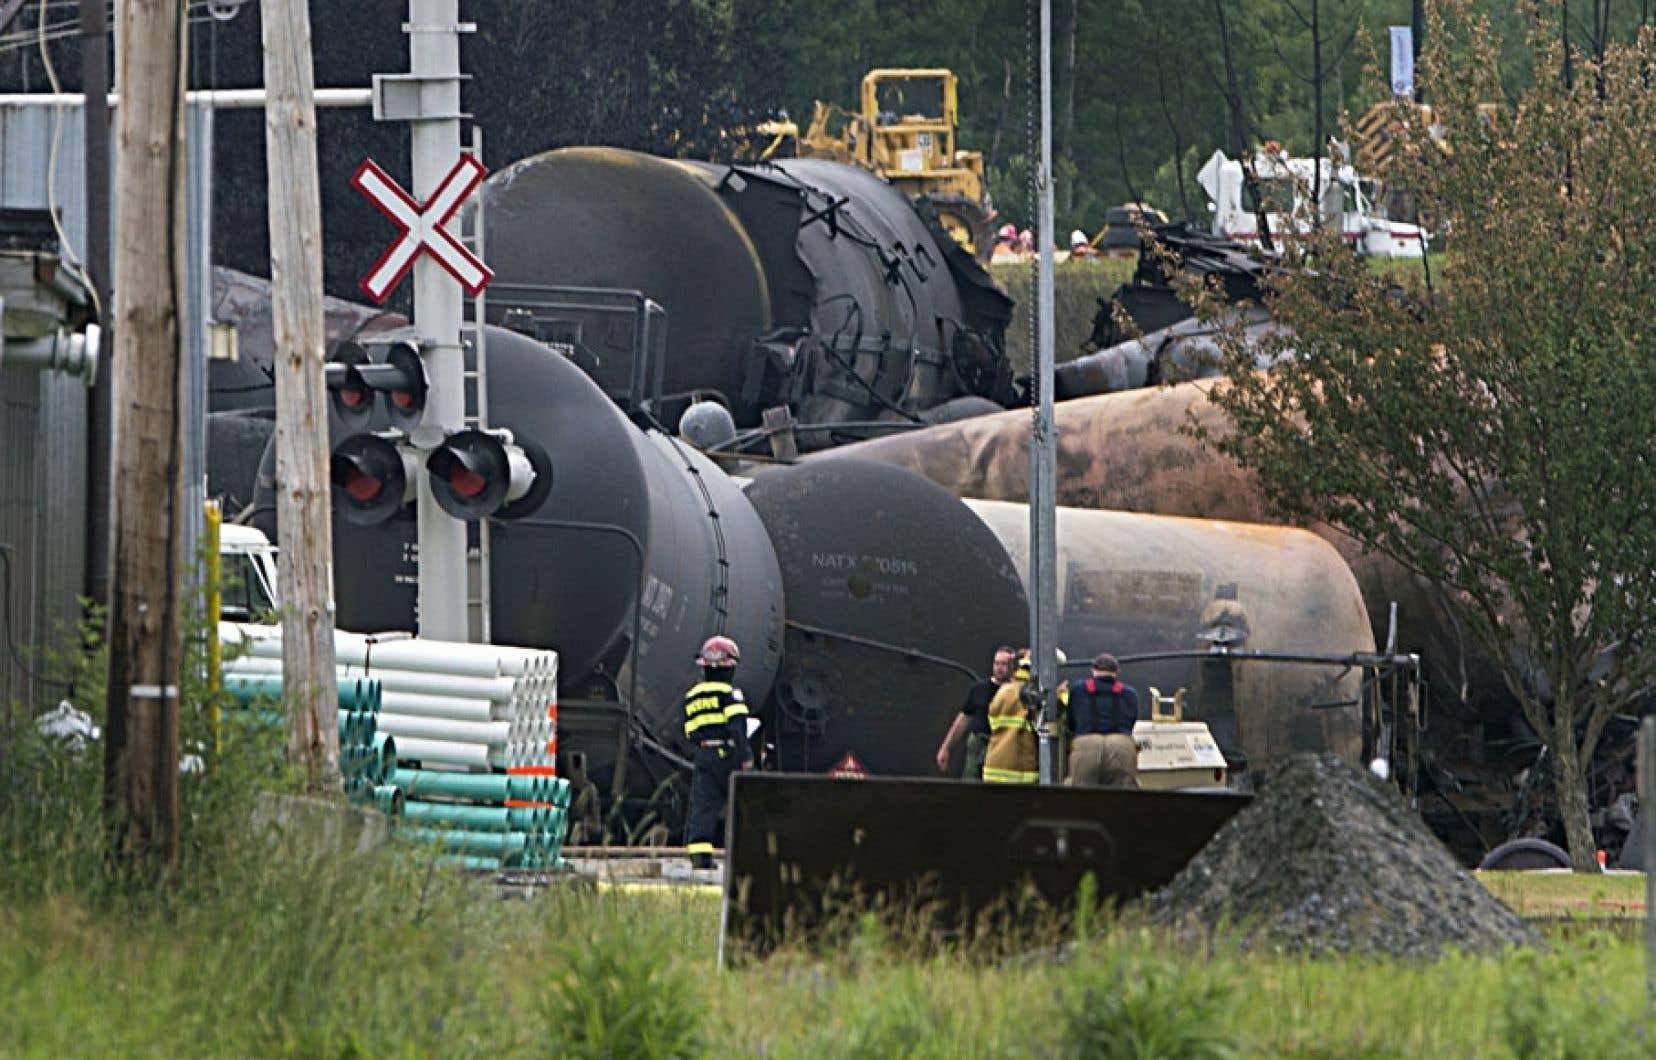 Des wagons-citernes incendiés à Lac-Mégantic. Le réseau ferroviaire n'a pas été construit pour desservir le secteur pétrolier, dit un économiste de l'Université d'Ottawa.